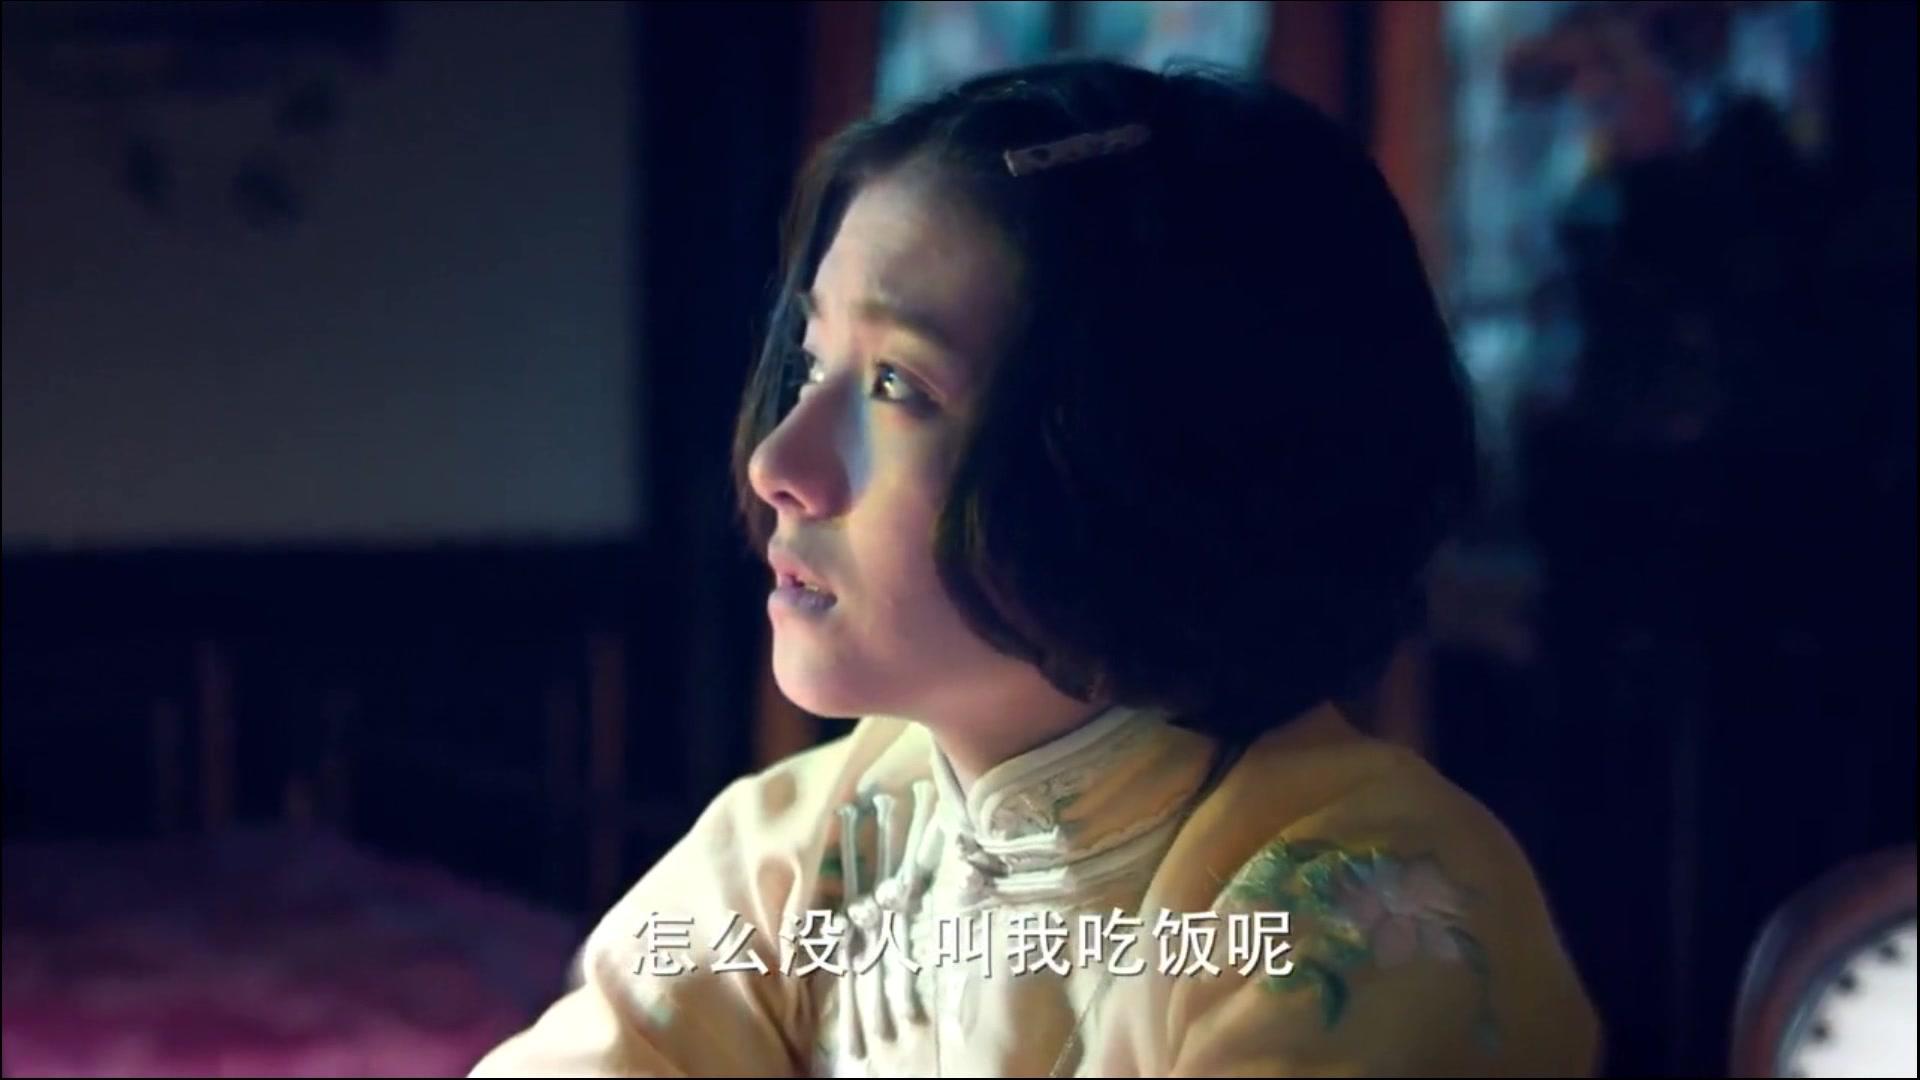 《無心法師2》第1集 蘇桃被困于幻境_嗶哩嗶哩 (゜-゜)つロ 干杯~-bilibili